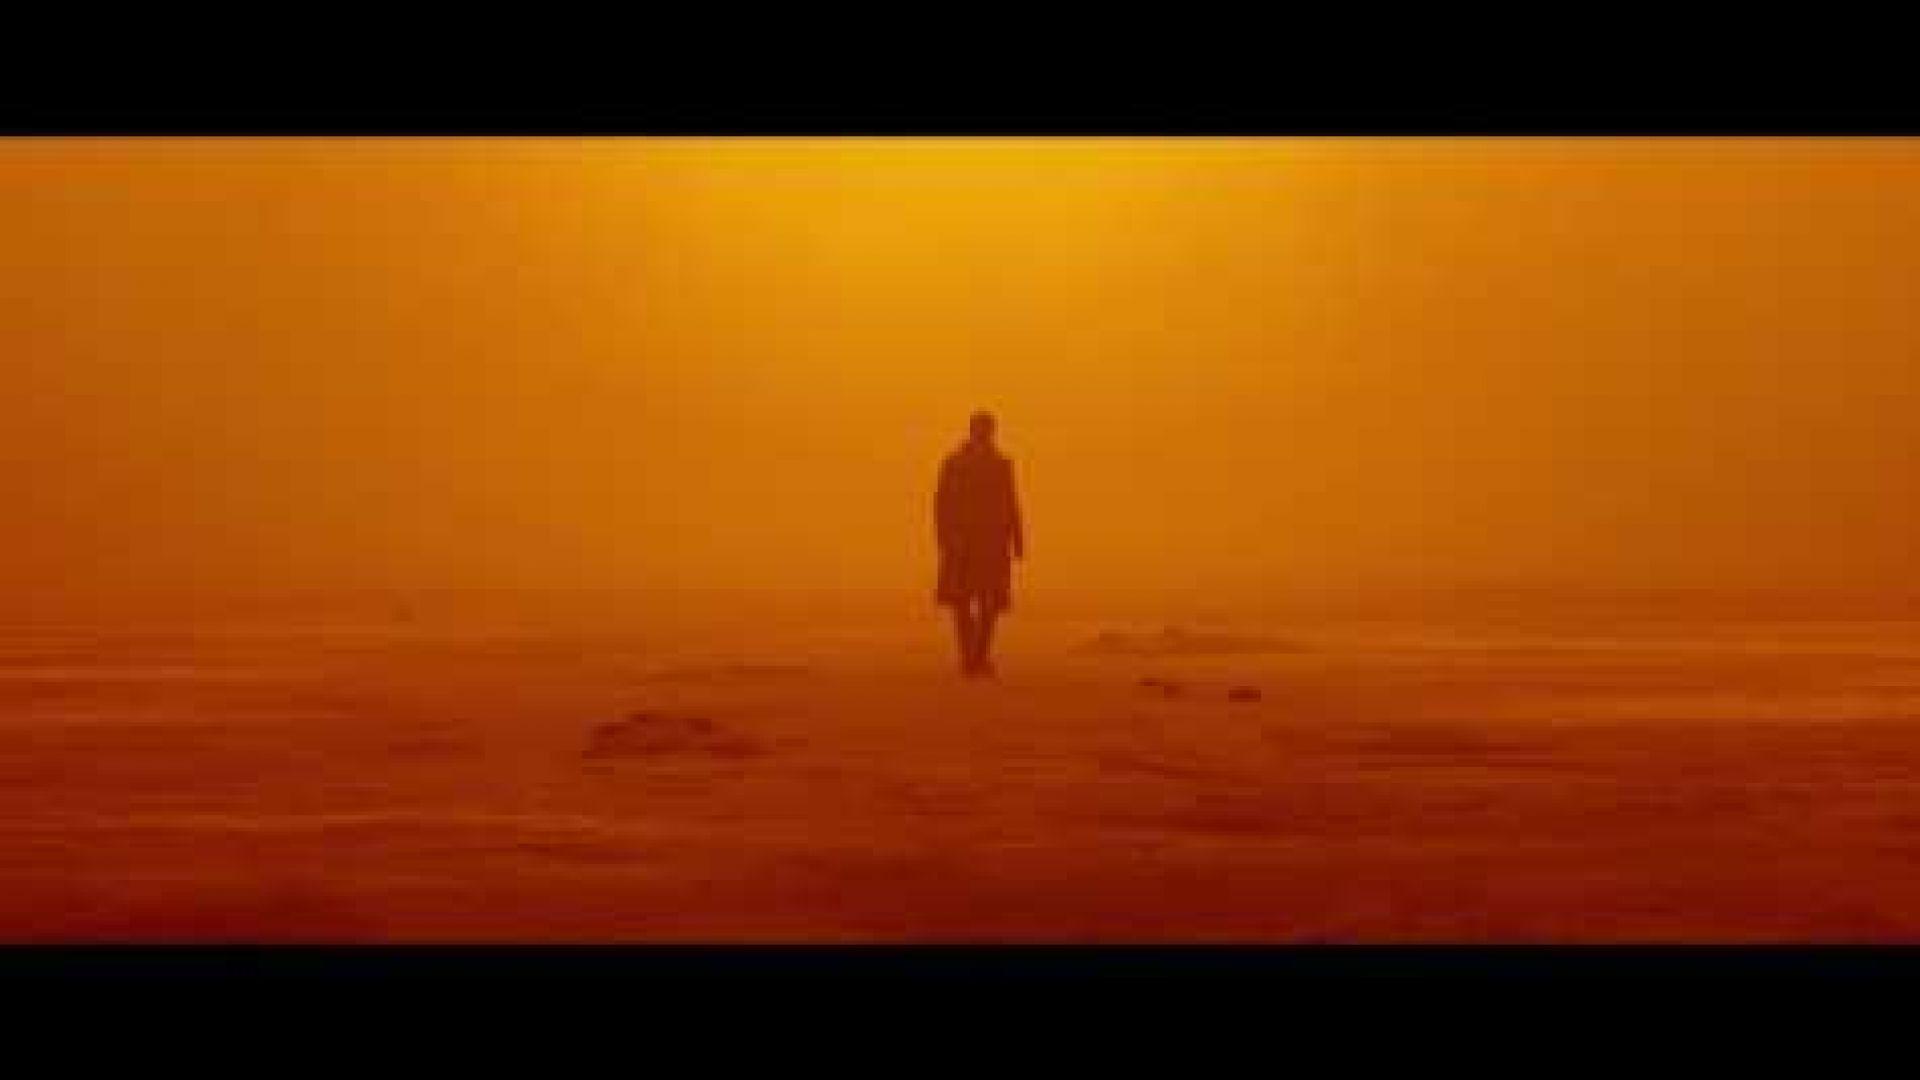 'Blade Runner 2049' Teases New Trailer